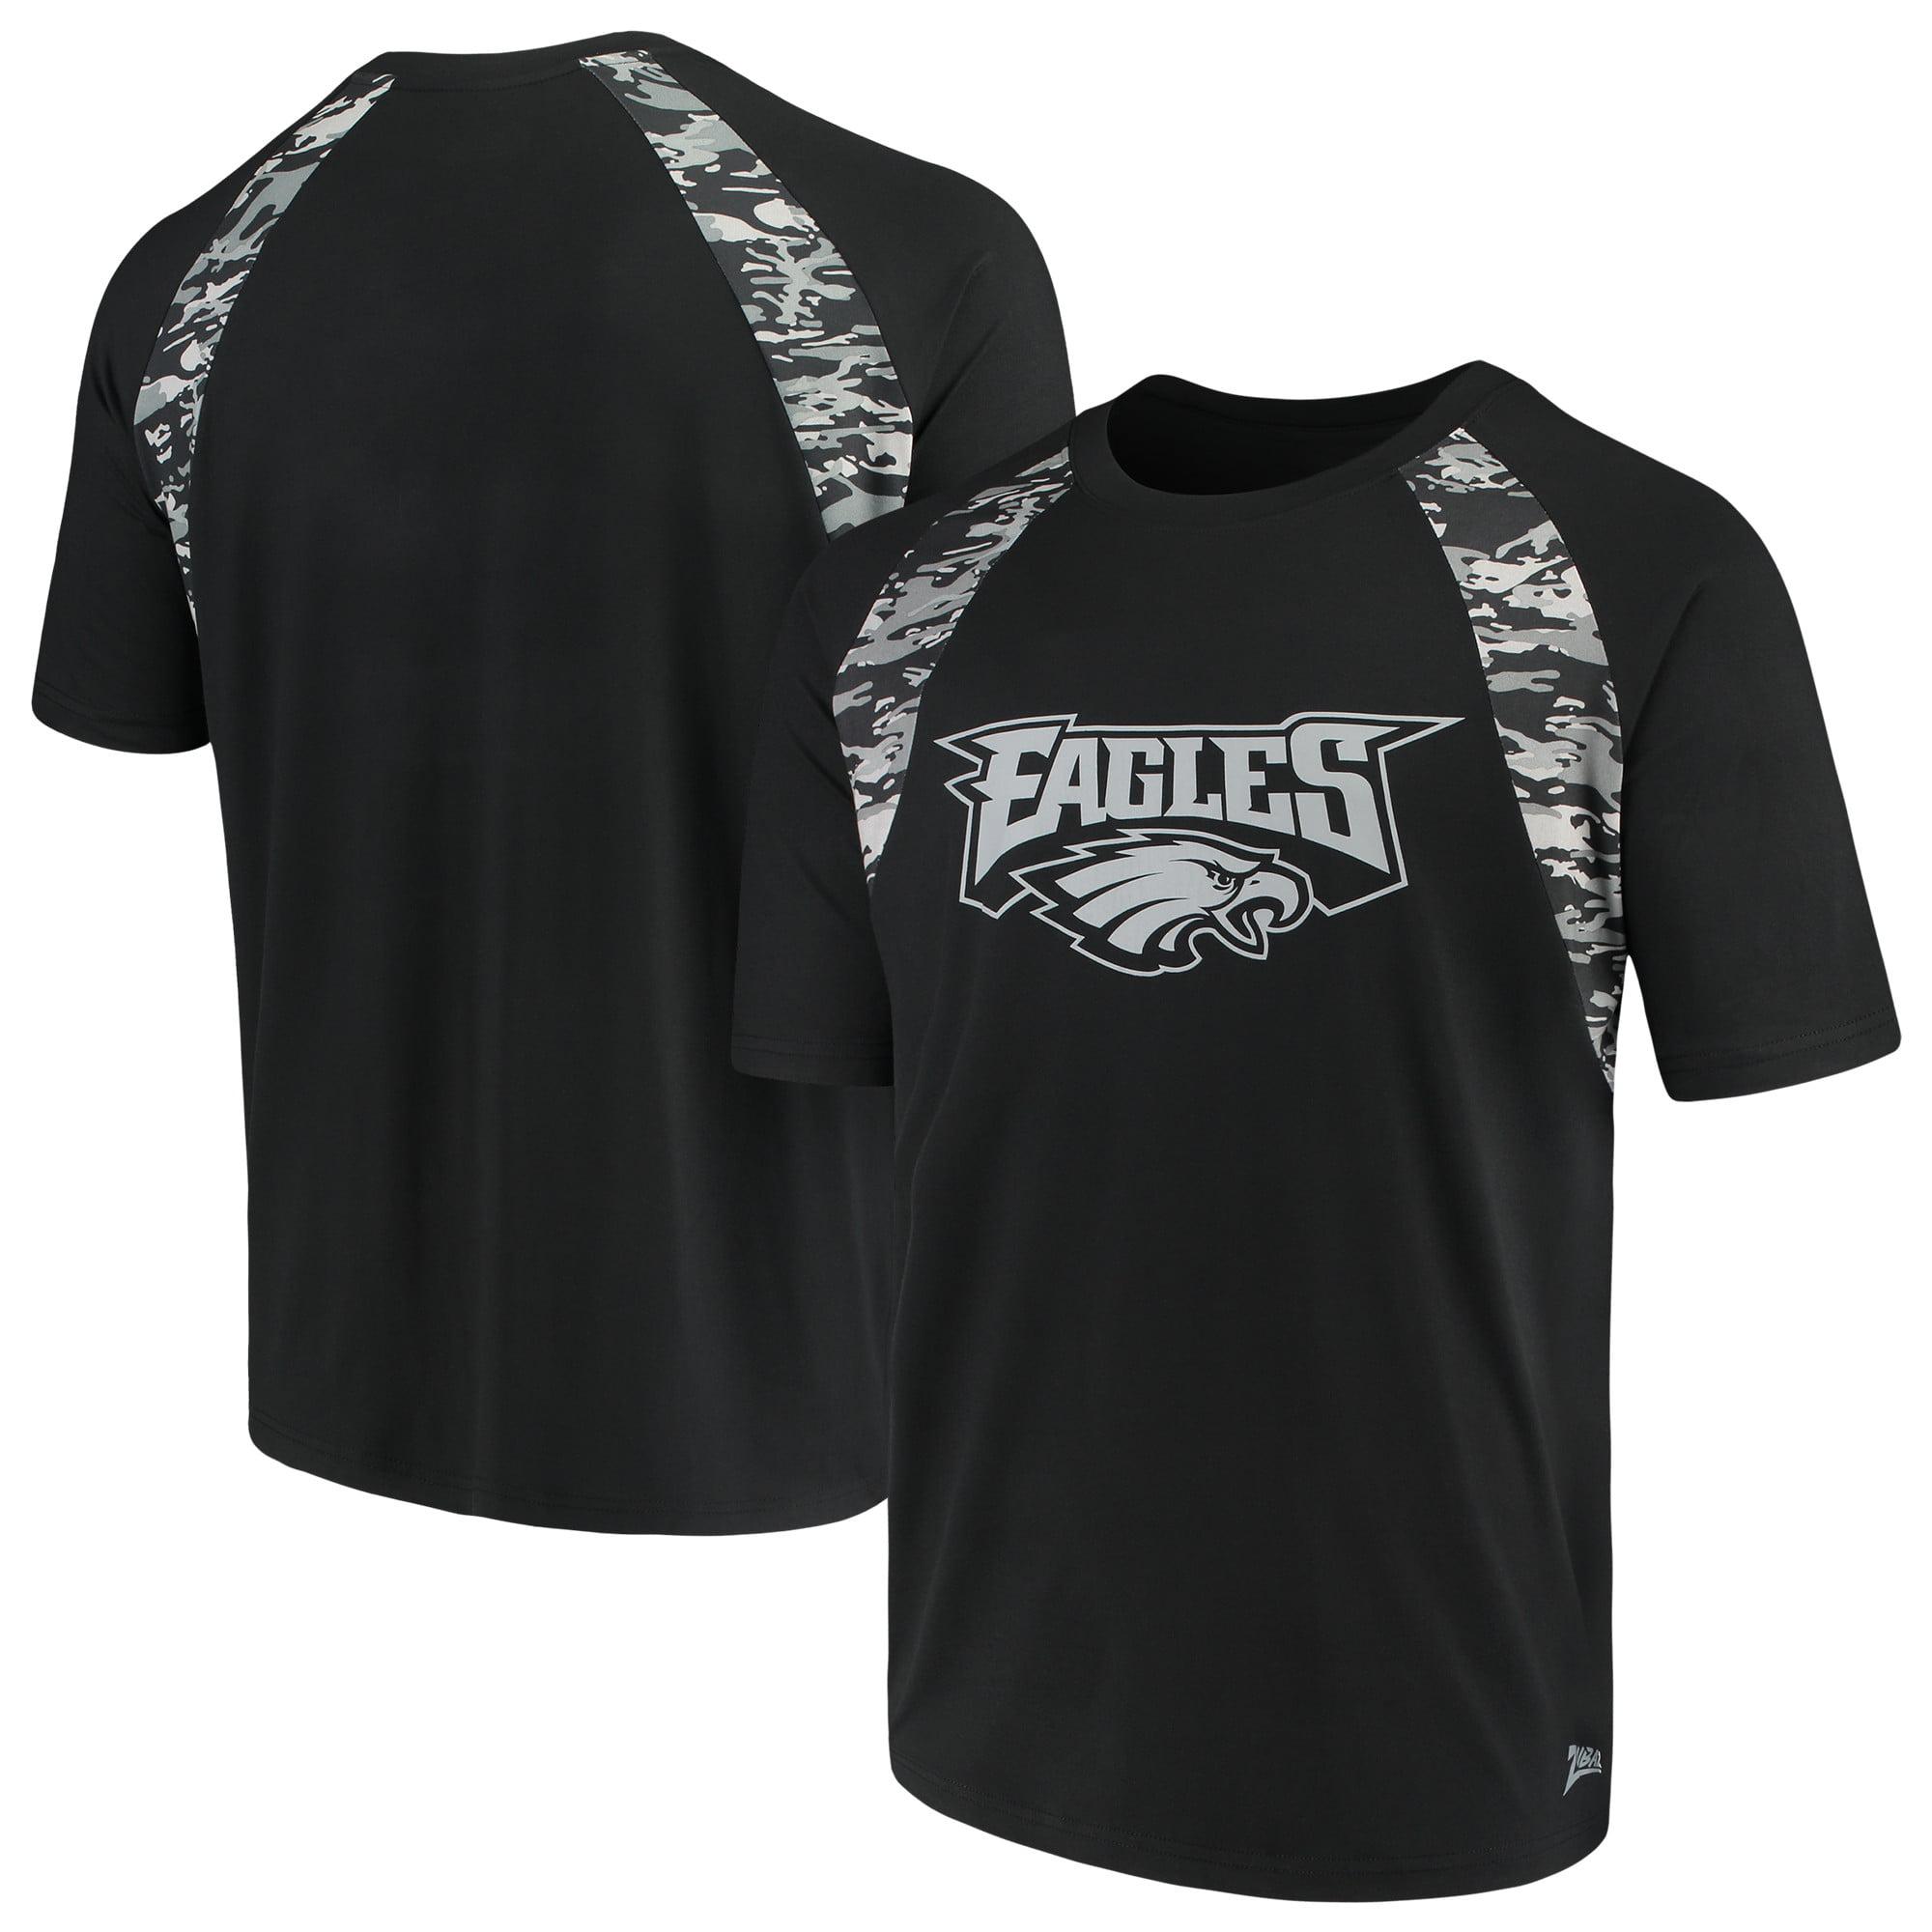 Men's Zubaz Black Philadelphia Eagles Camo Raglan T-Shirt